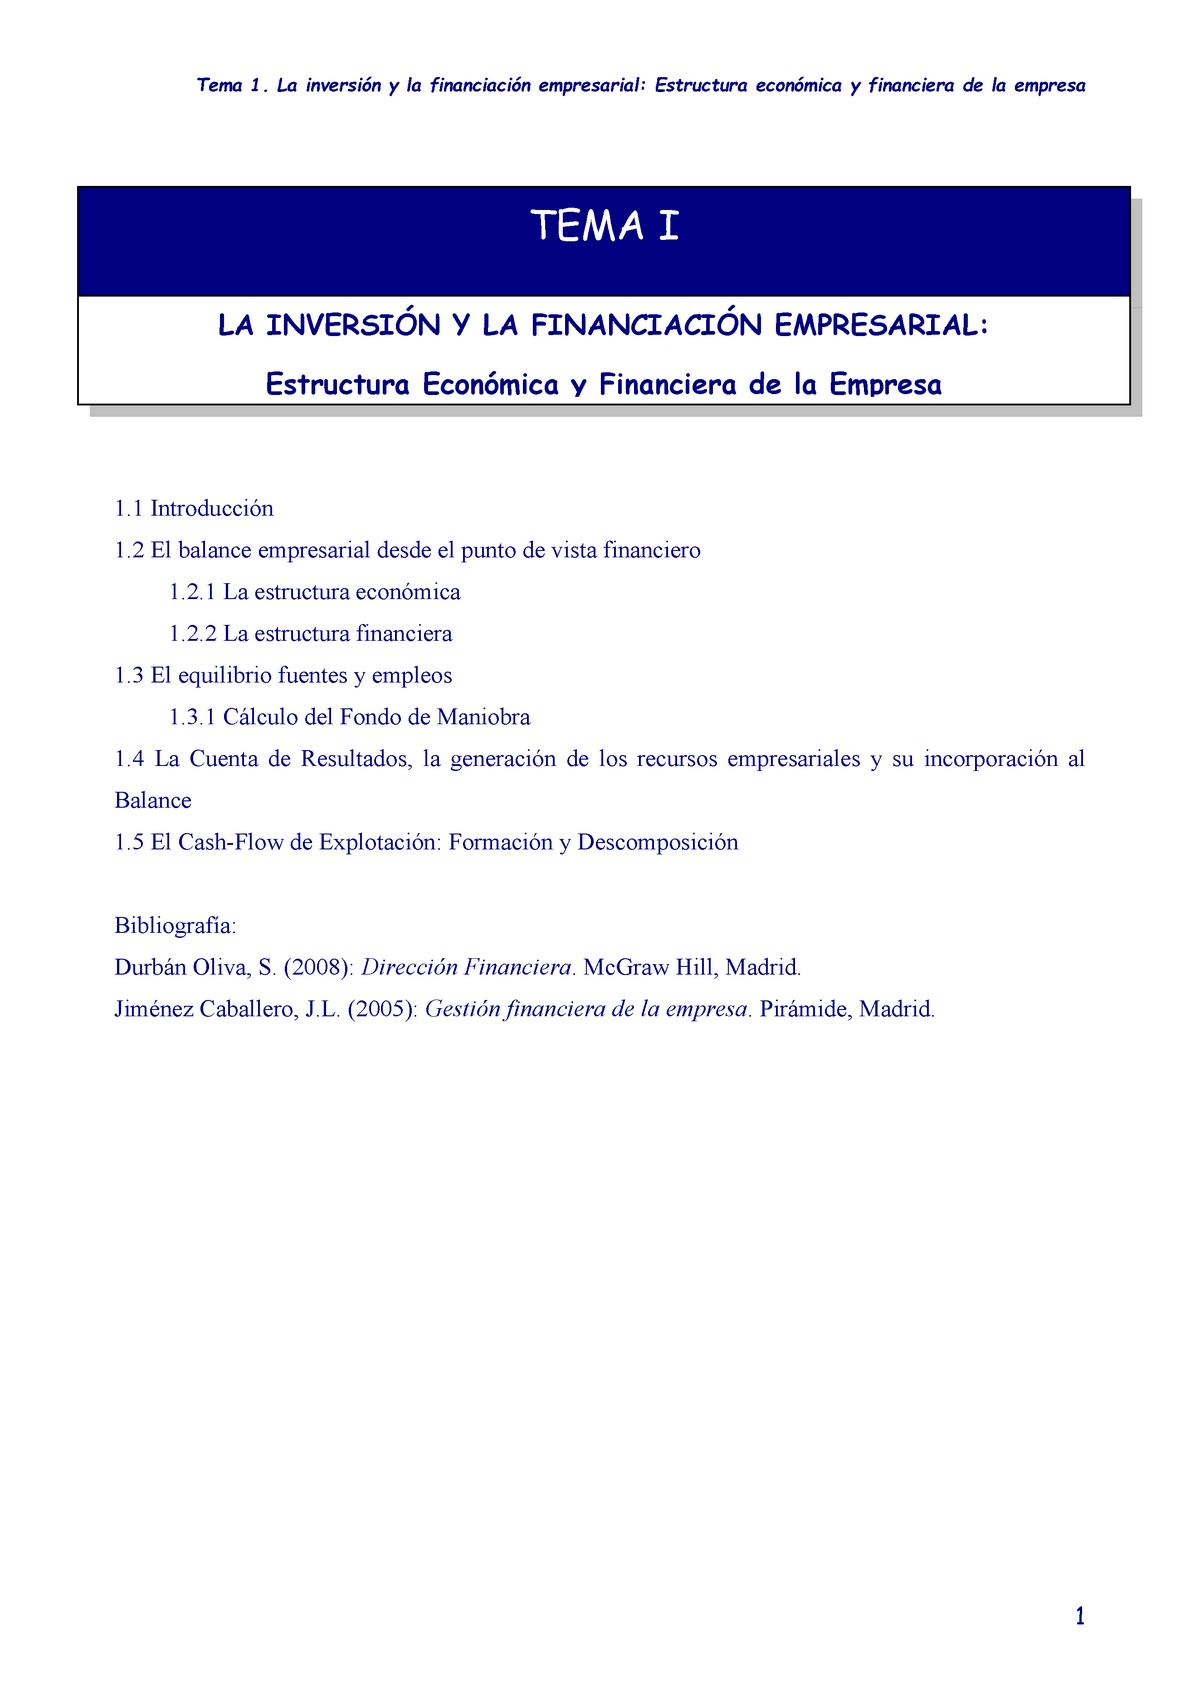 Tema 1 Inversion Financiacion Empresarial 11812025 Ujaen